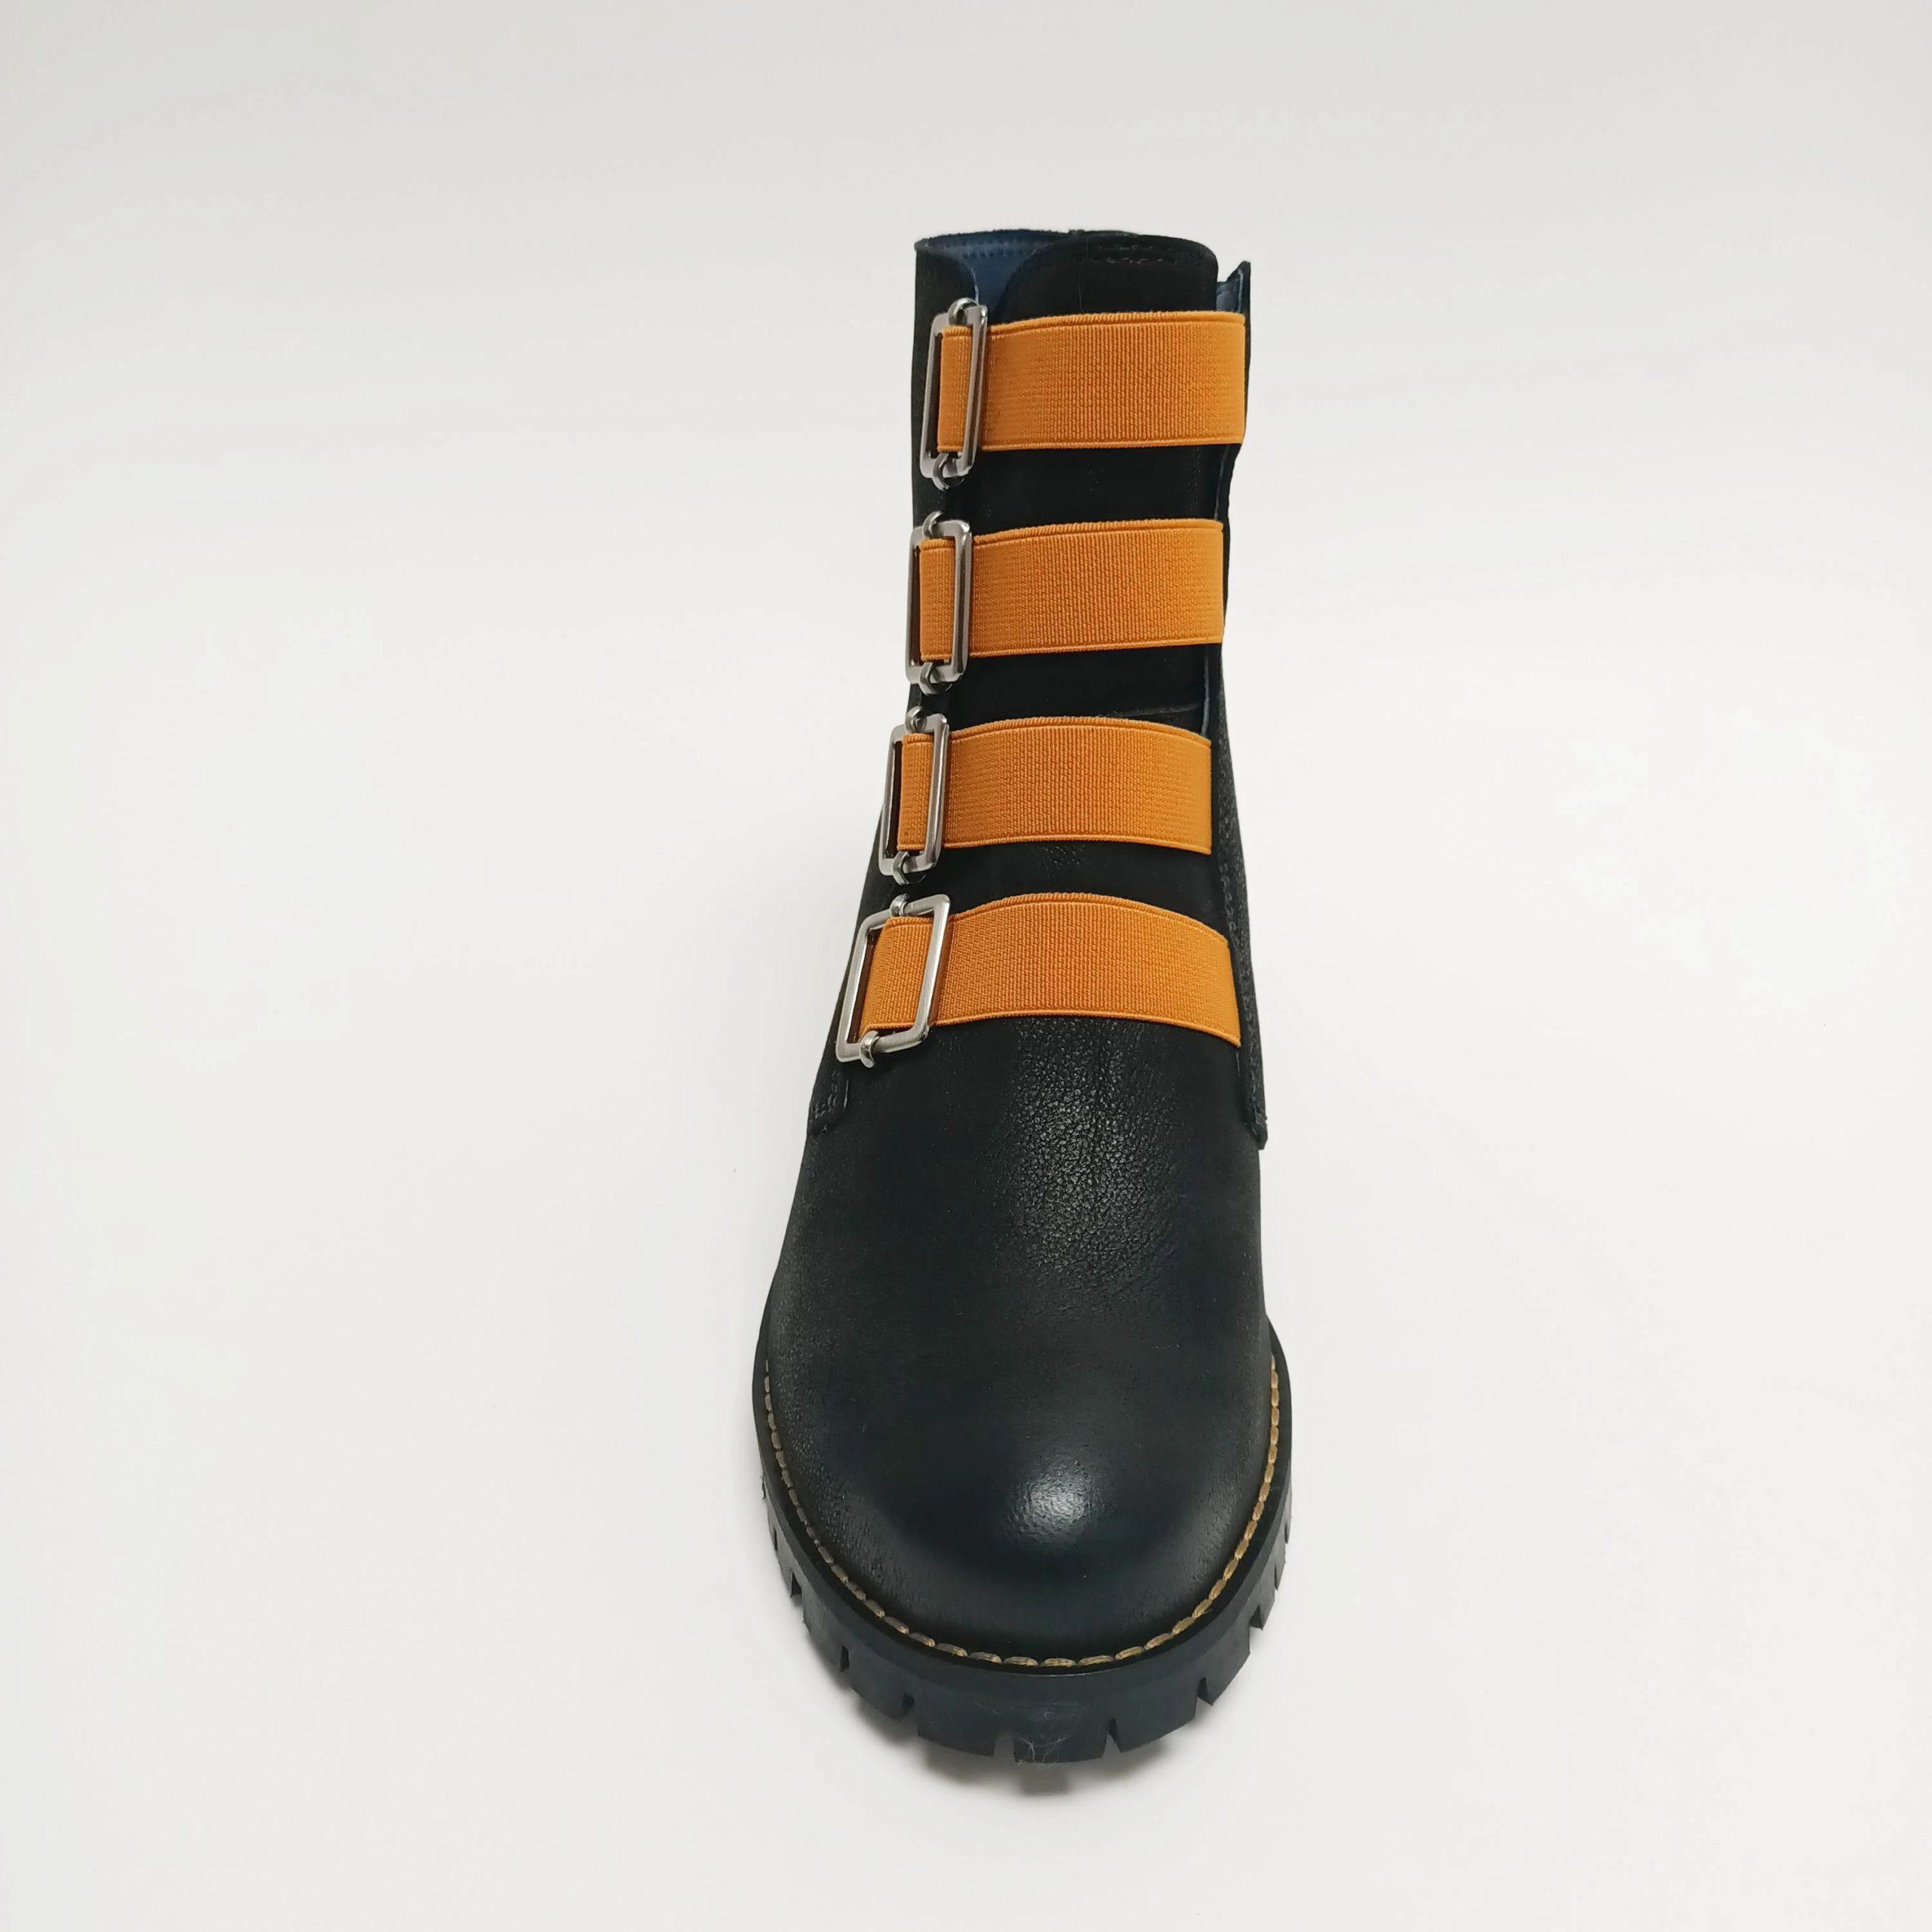 81674 - Black / Mustard - Pinto Di BLu